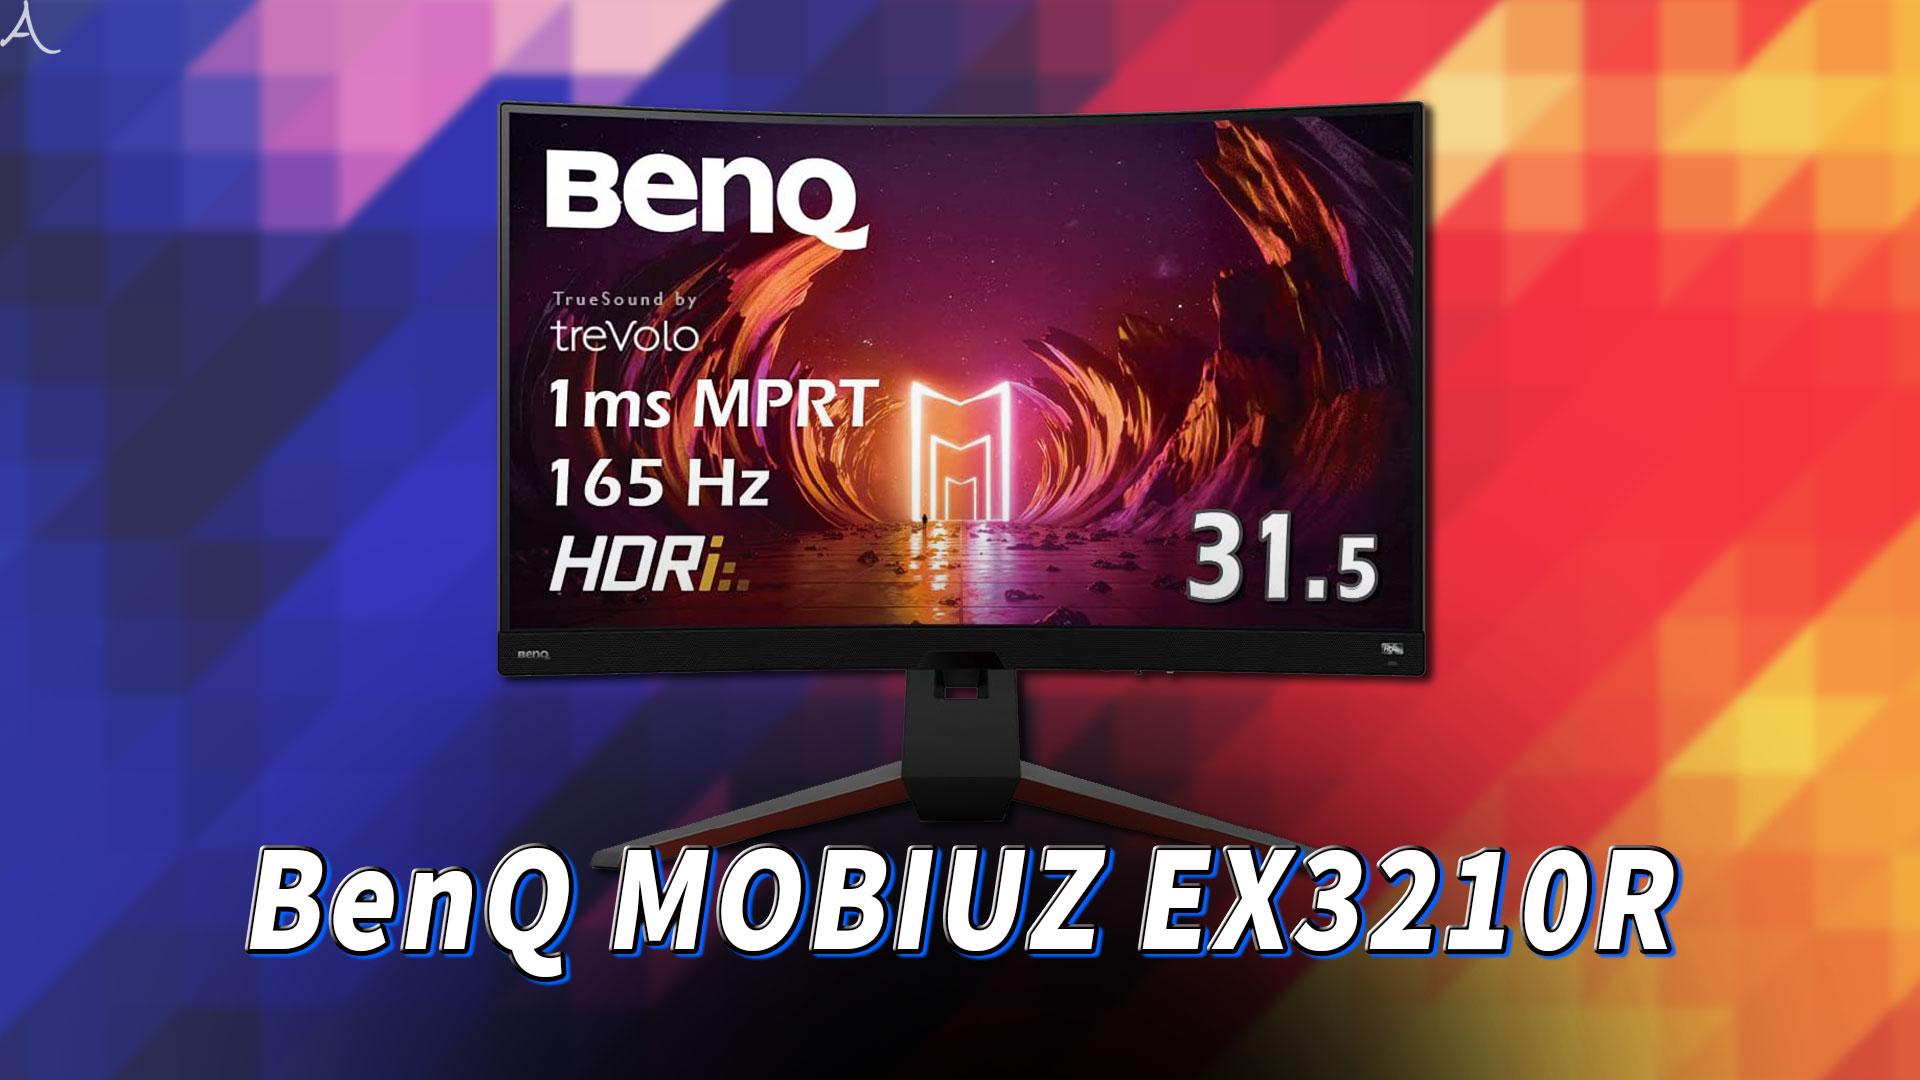 「BenQ MOBIUZ EX3210R」はスピーカーに対応してる?おすすめのPCスピーカーはどれ?